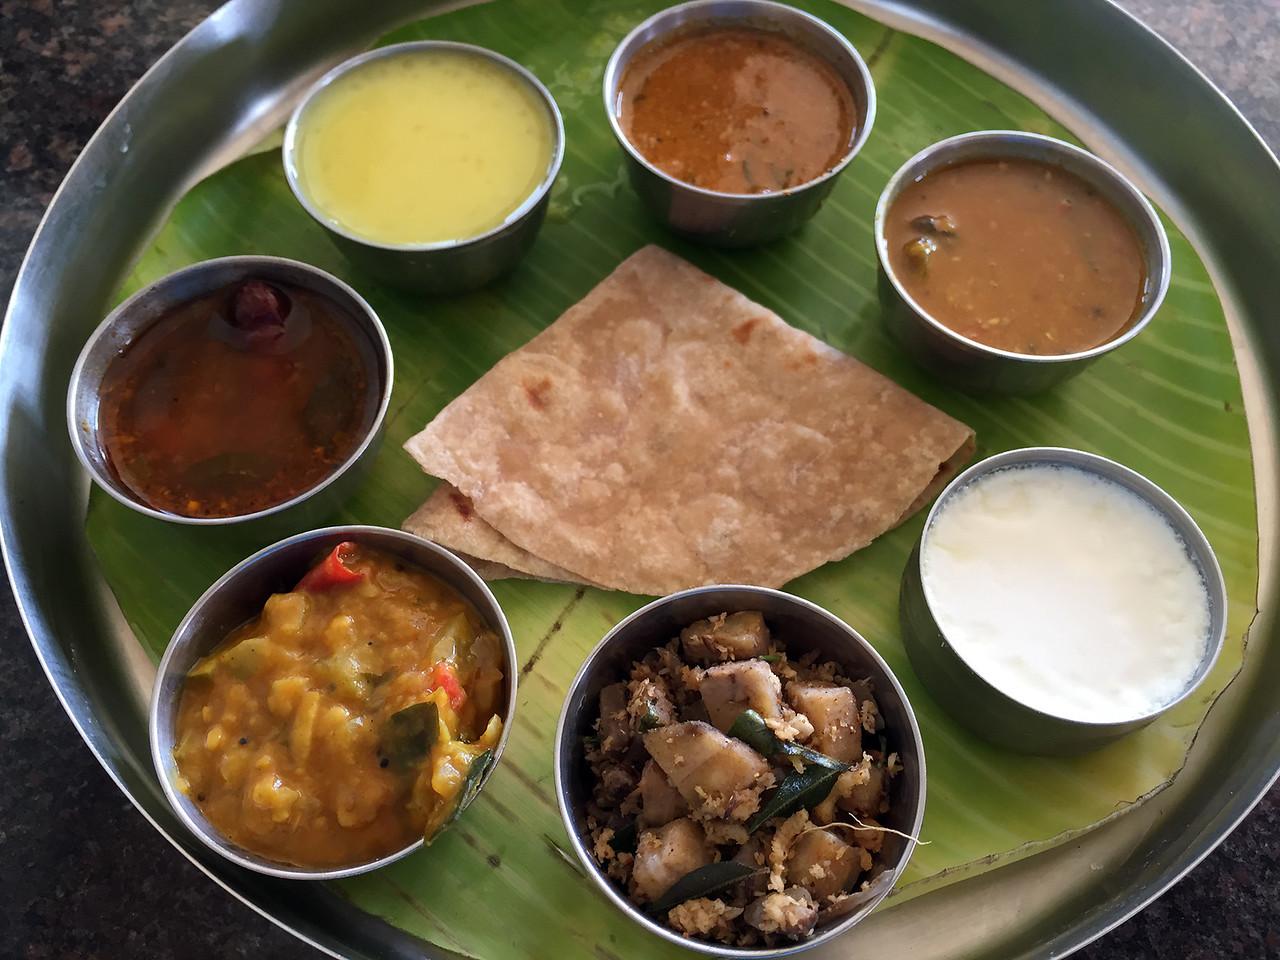 Vegetarian thali at Sarvana Bhavan near Salem, Tamil Nadu, India